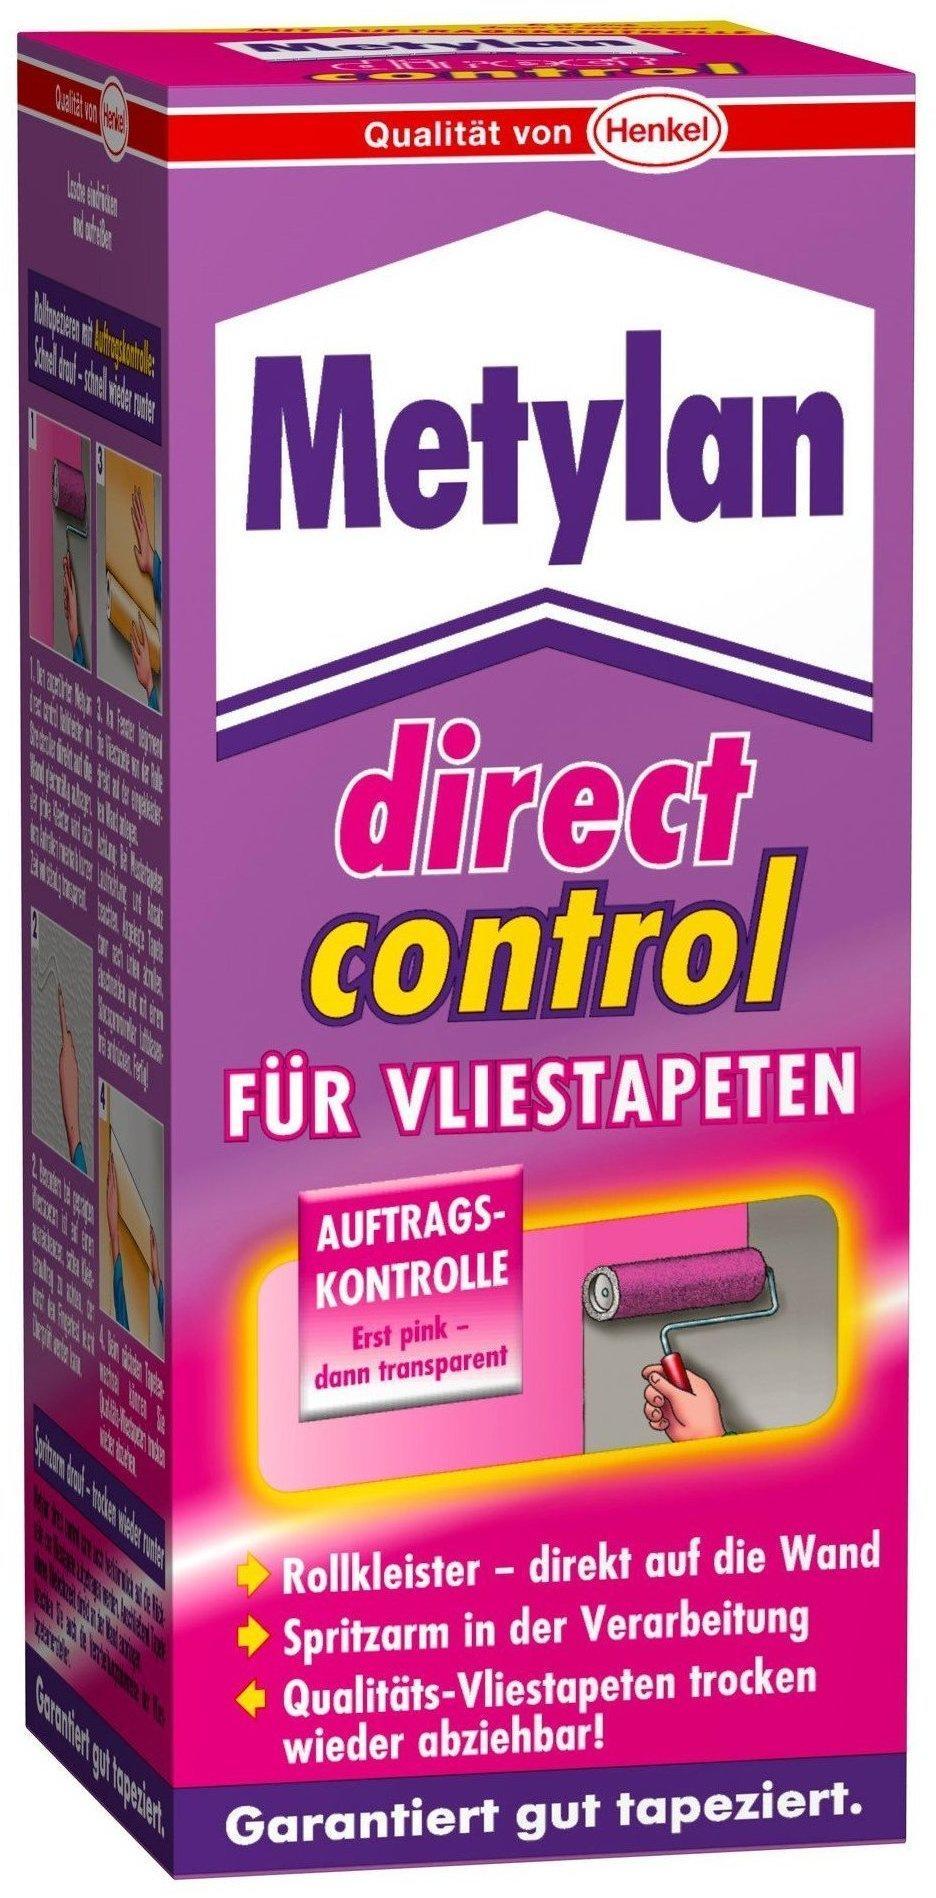 testbericht.de: metylan direct control 200g im test